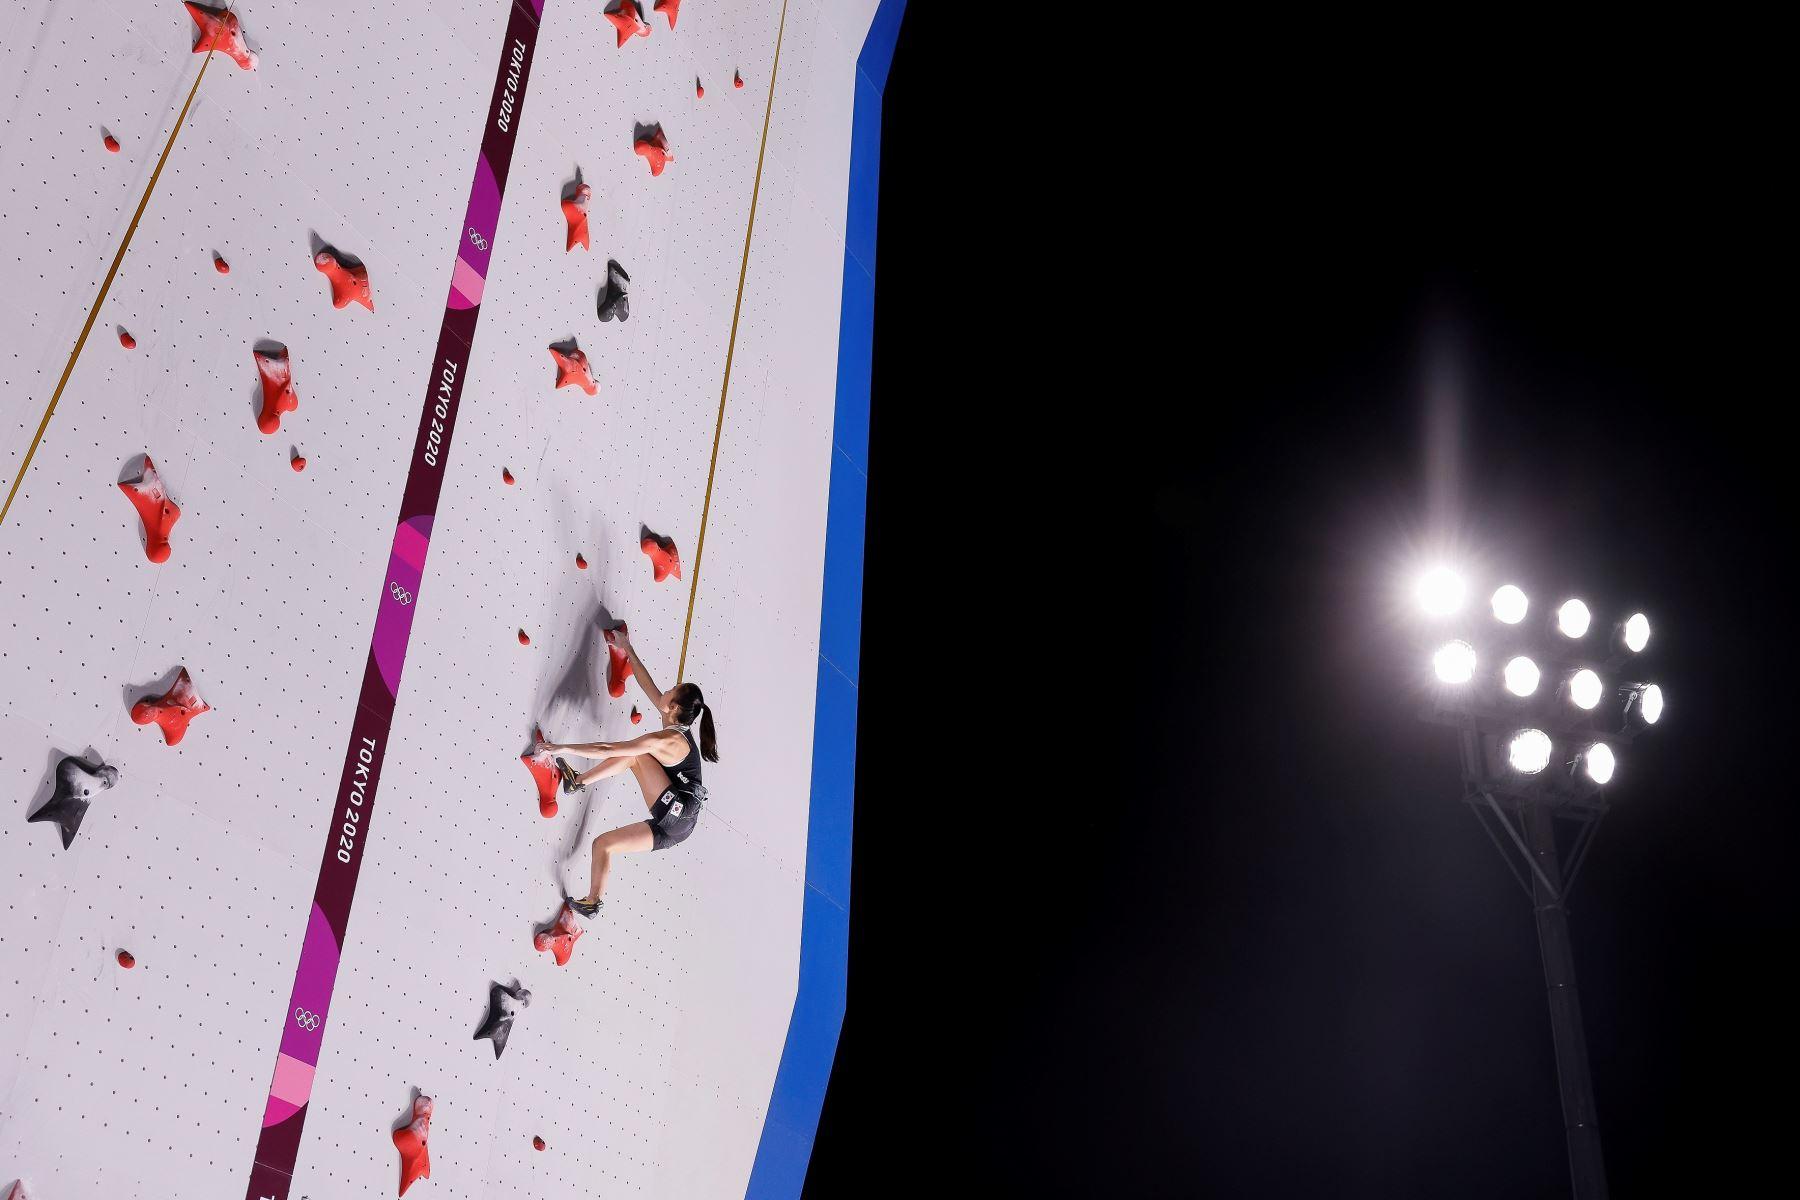 Seo Chae-hyun de Corea del Sur se presenta durante una sesión de entrenamiento de escalada de velocidad para los eventos de escalada deportiva de los Juegos Olímpicos de Tokio 2020, en el Aomi Urban Sports Park de Tokio. Foto: EFE